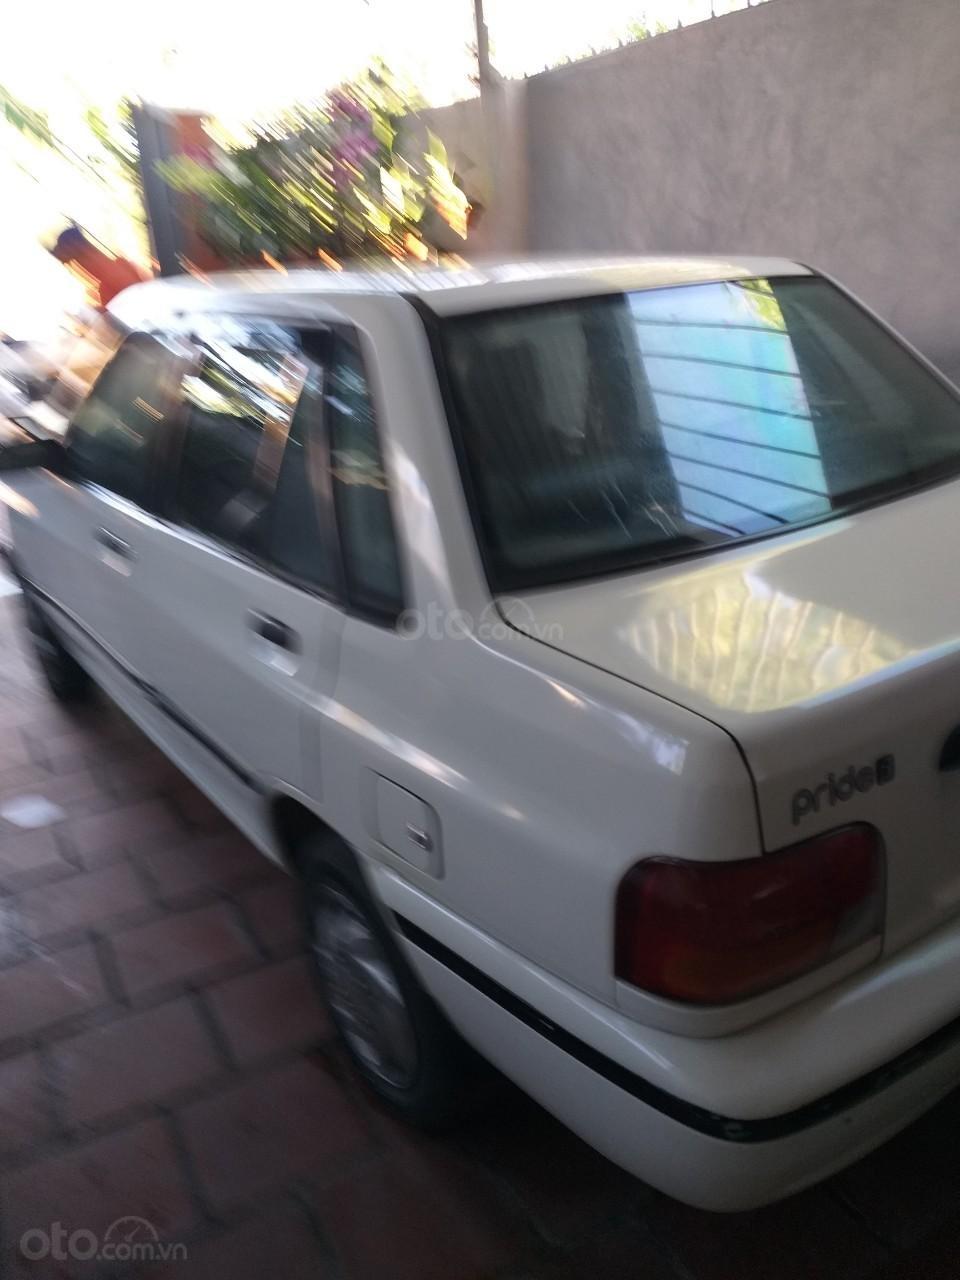 Bán xe Kia Pride đời 2002, xe biển số 43 Đà Nẵng chính chủ, chất lượng xe còn rất tốt (2)